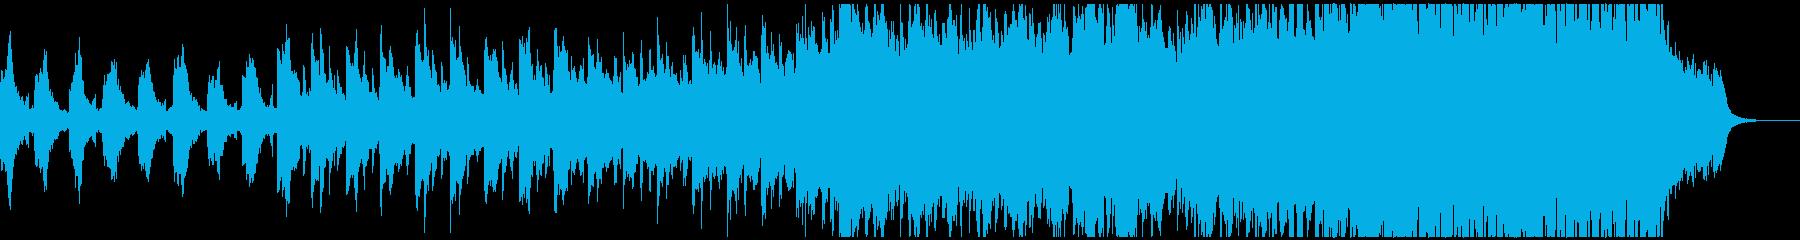 ピアノとストリングスの幻想的な曲の再生済みの波形